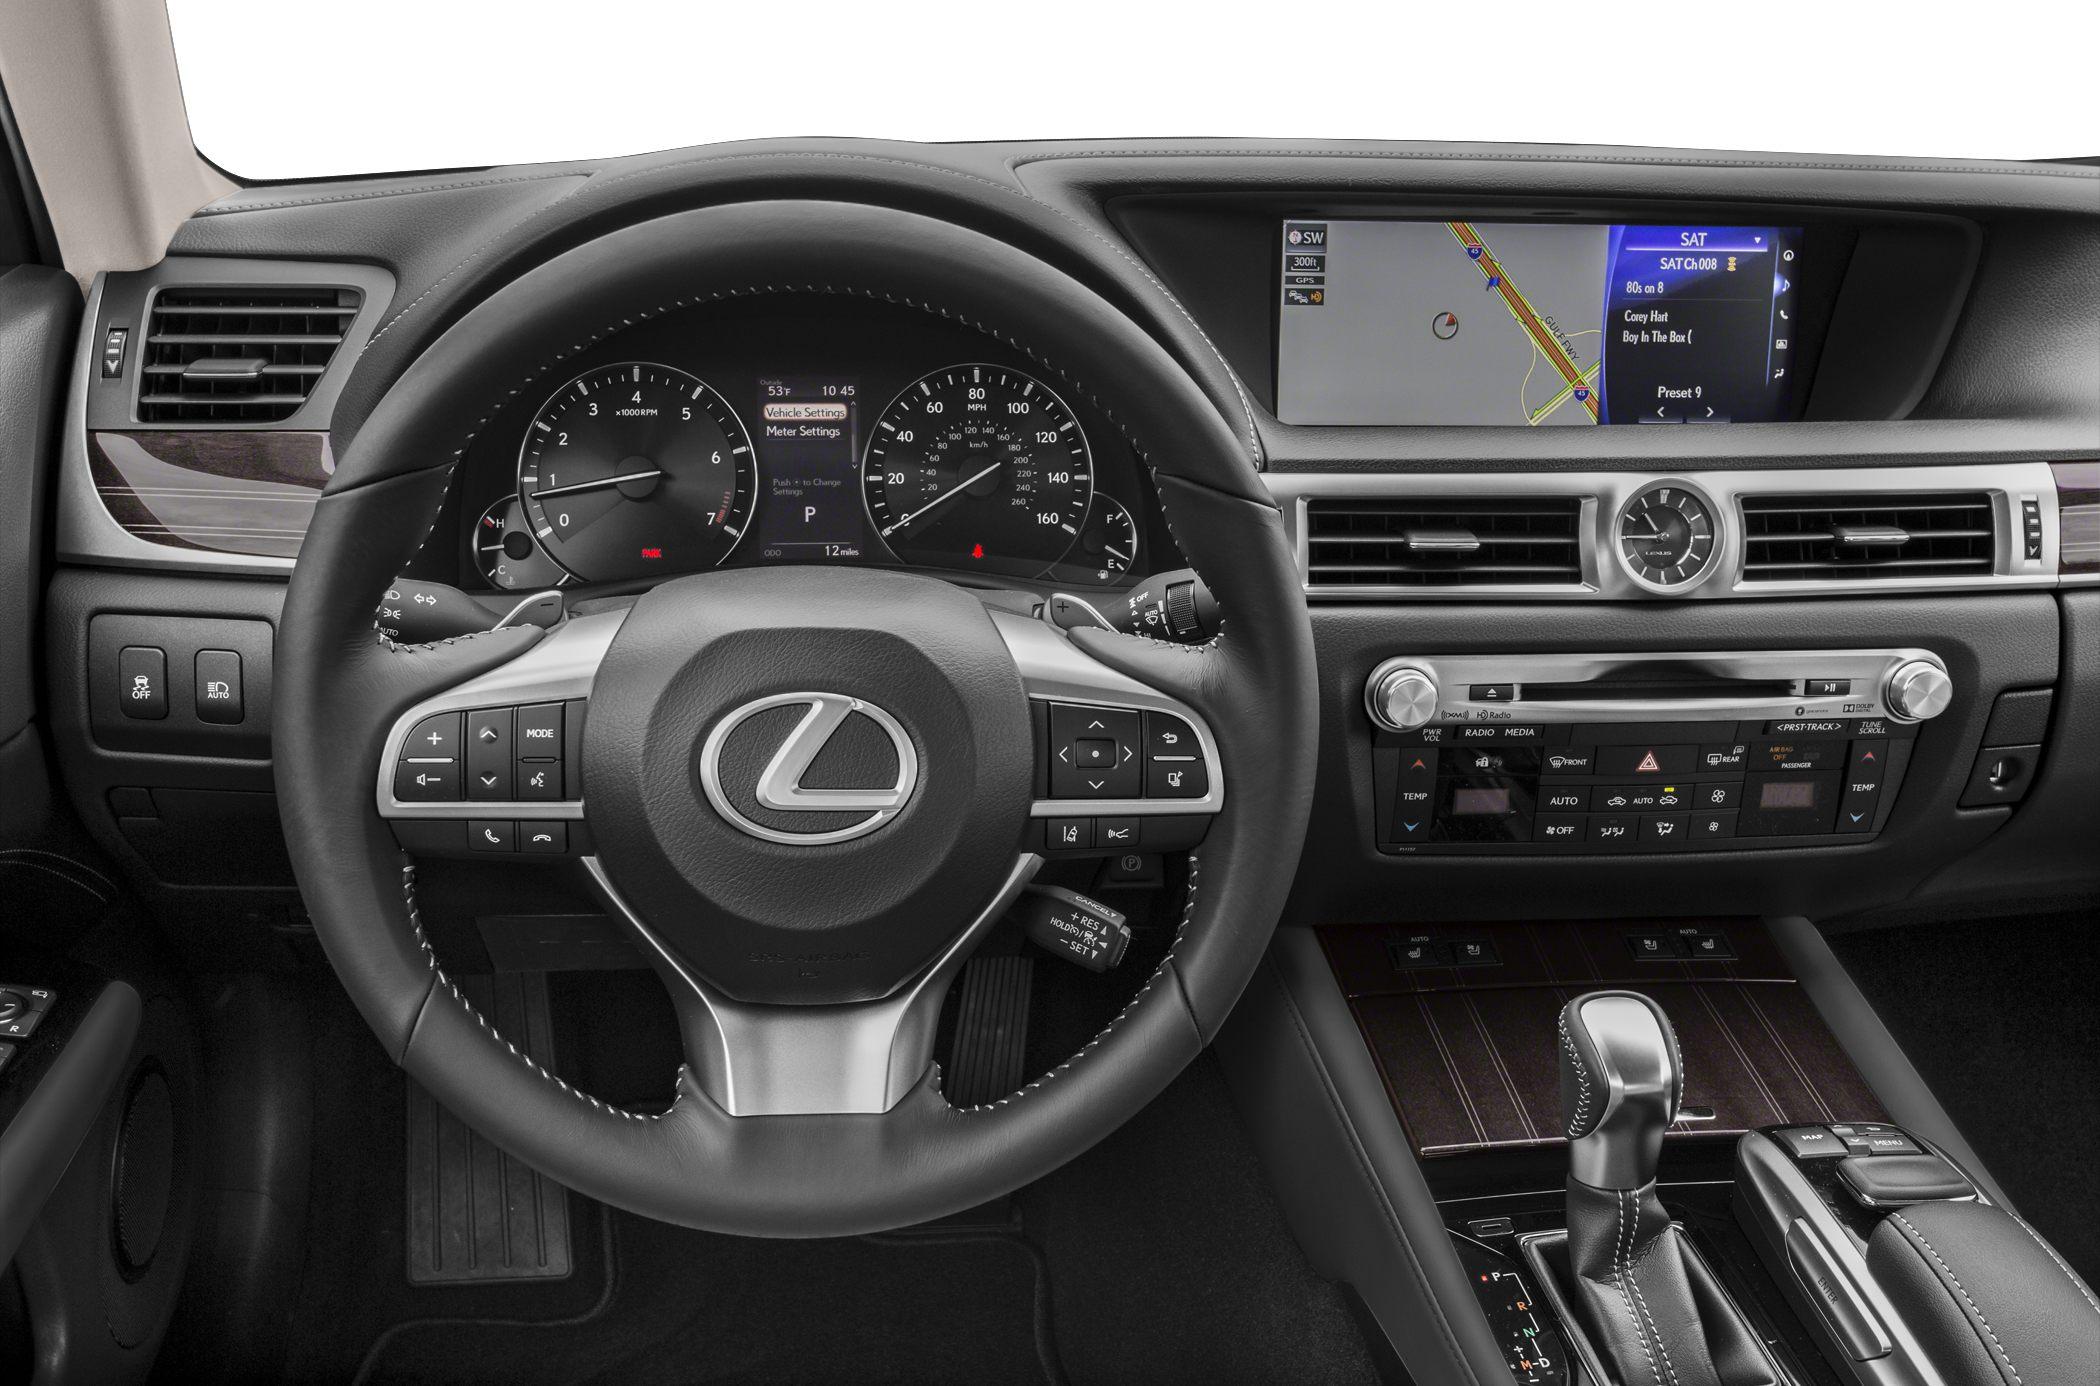 2018 Lexus GS 350 Premium 4 Dr Sedan at Lexus of Lakeridge